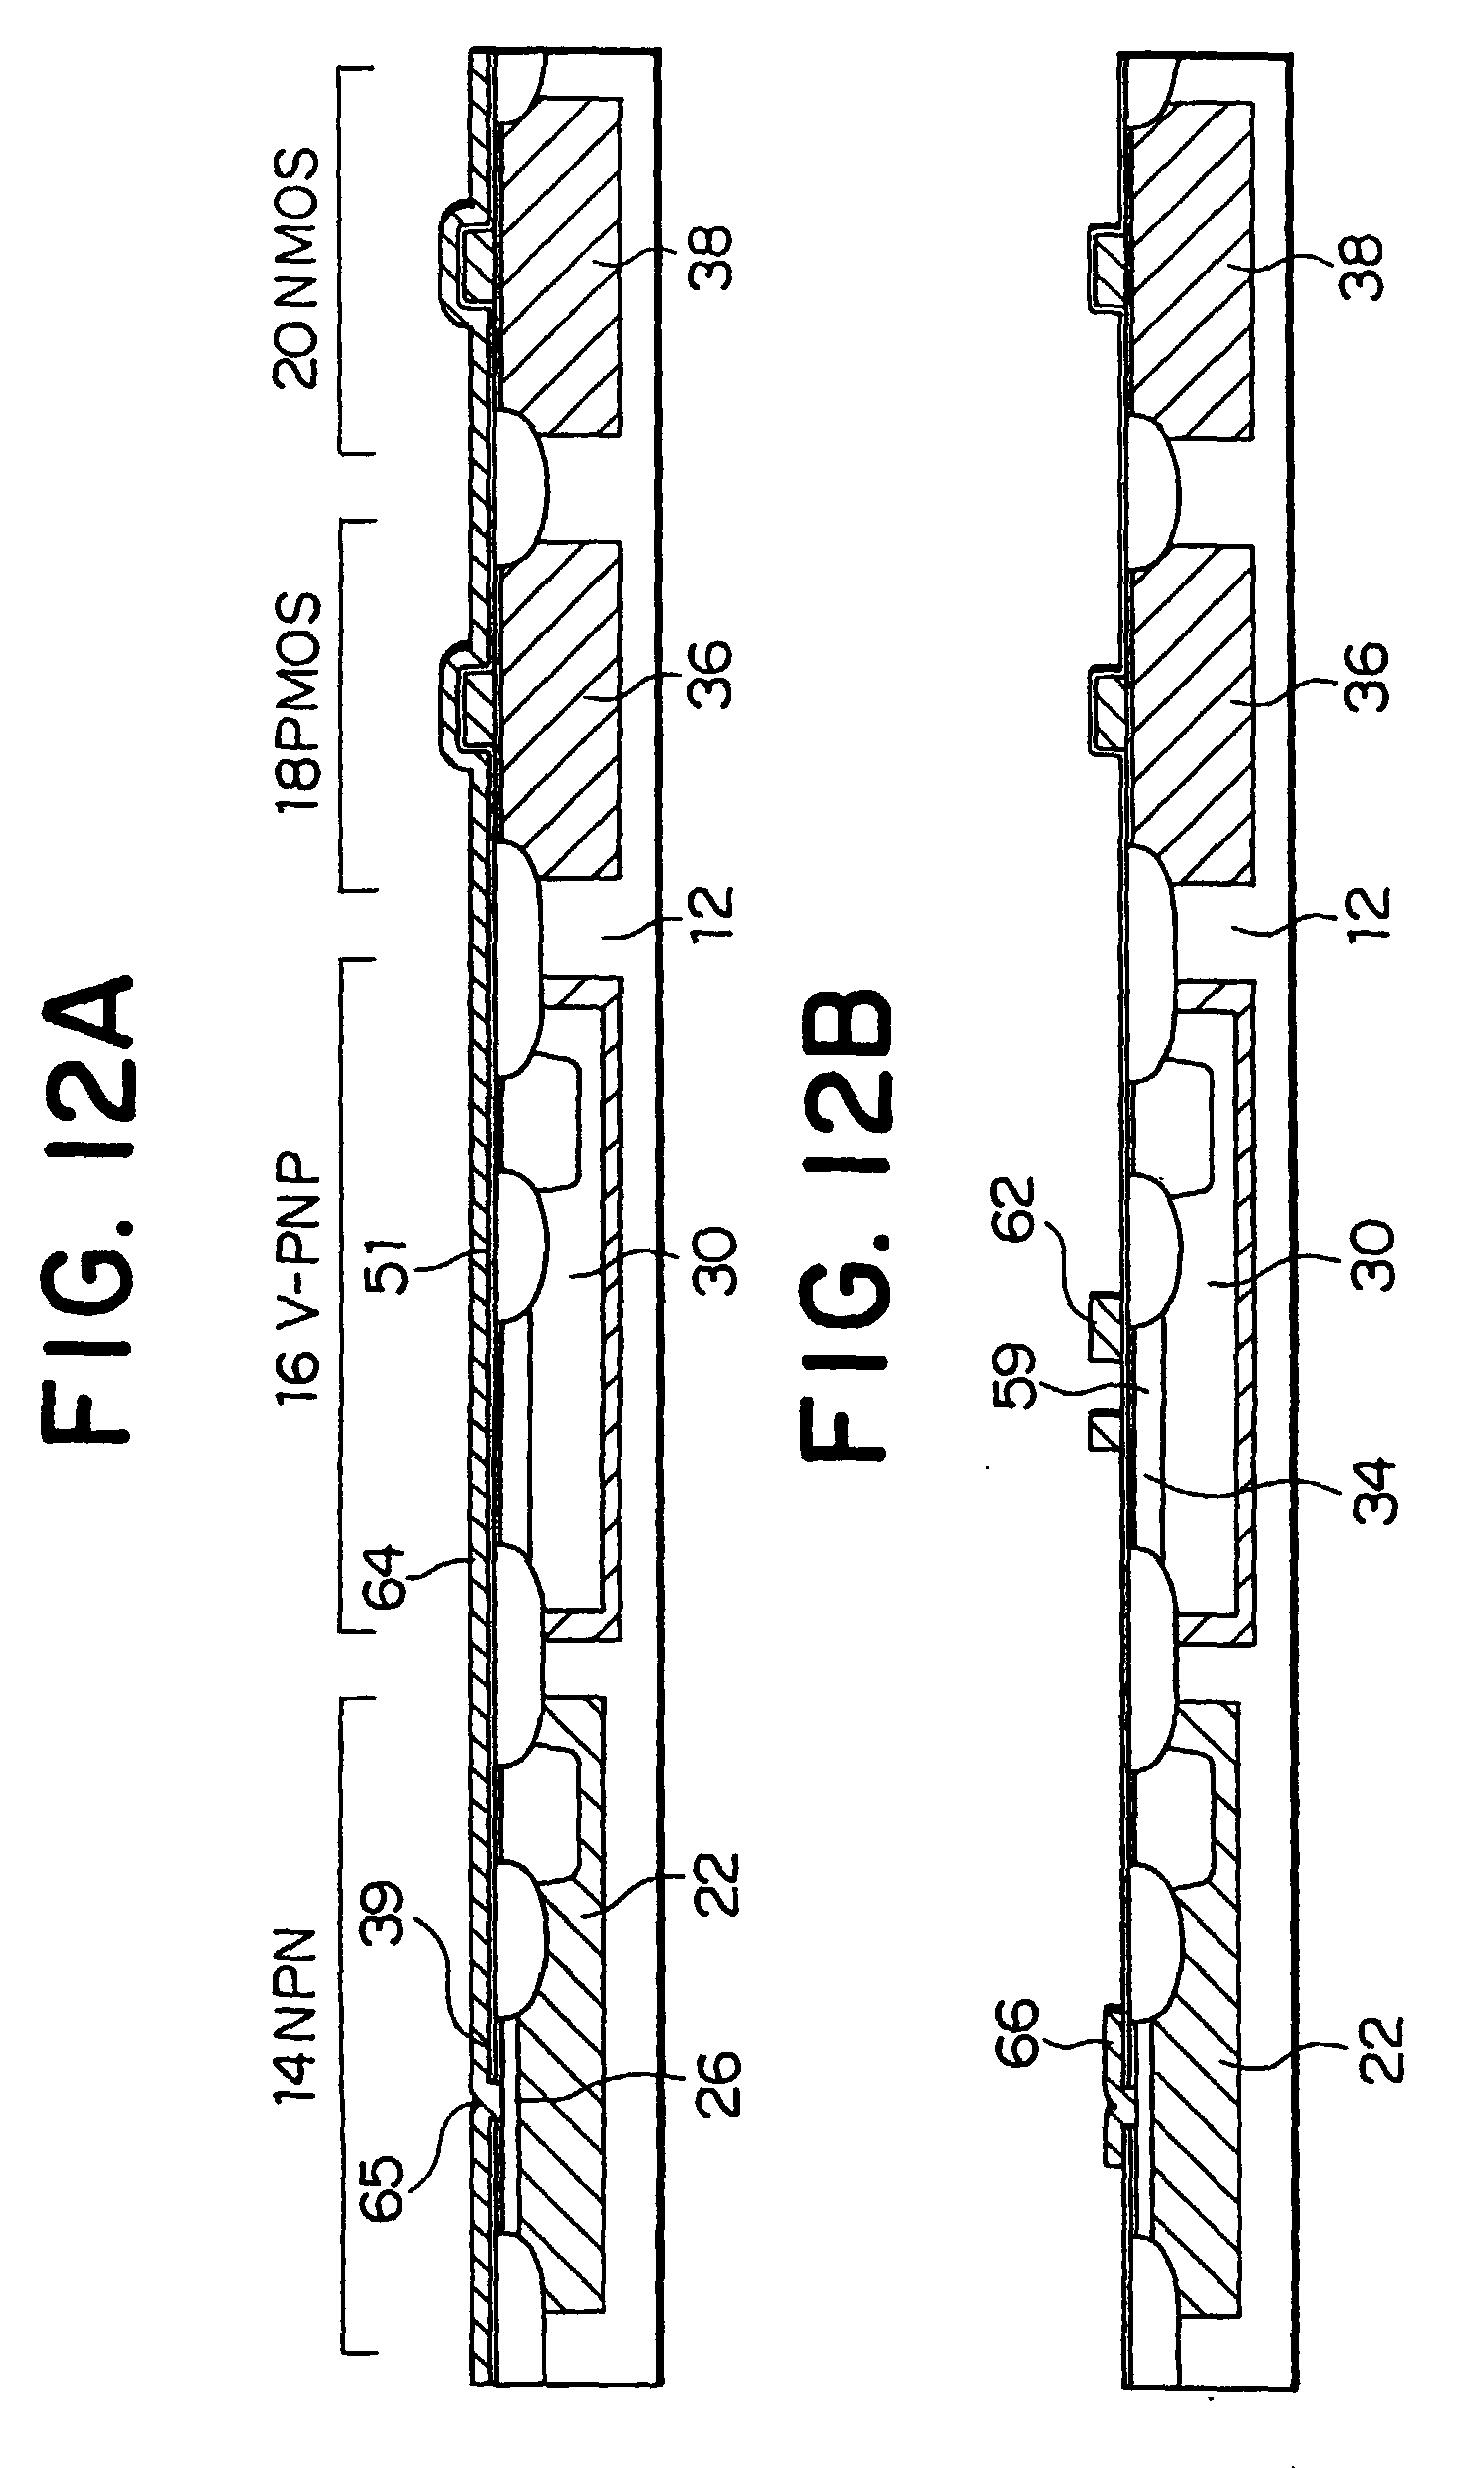 专利ep1024528a2 - semiconductor